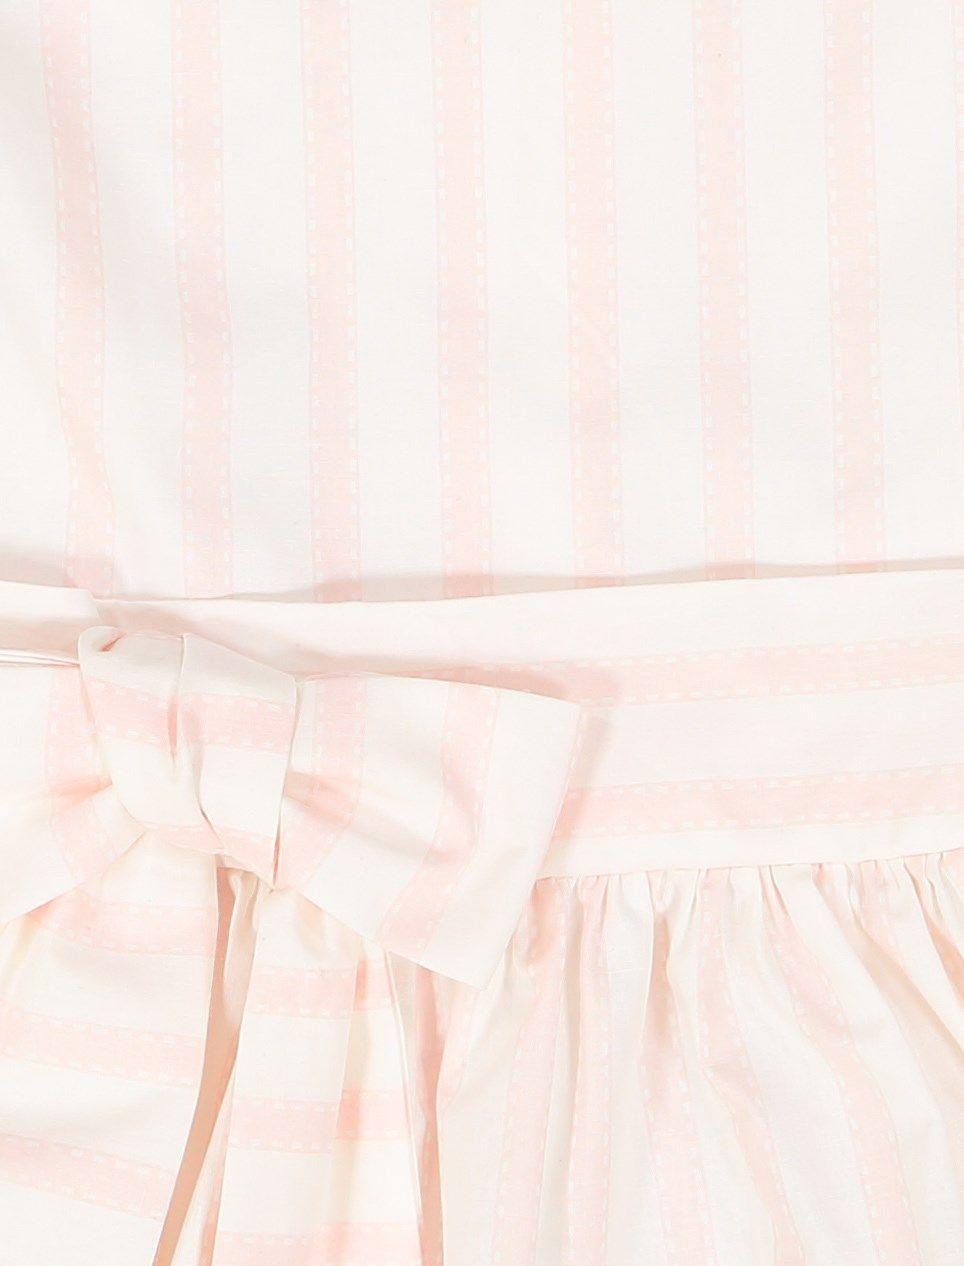 پیراهن کوتاه دخترانه هدی - دایان - صورتي - 3